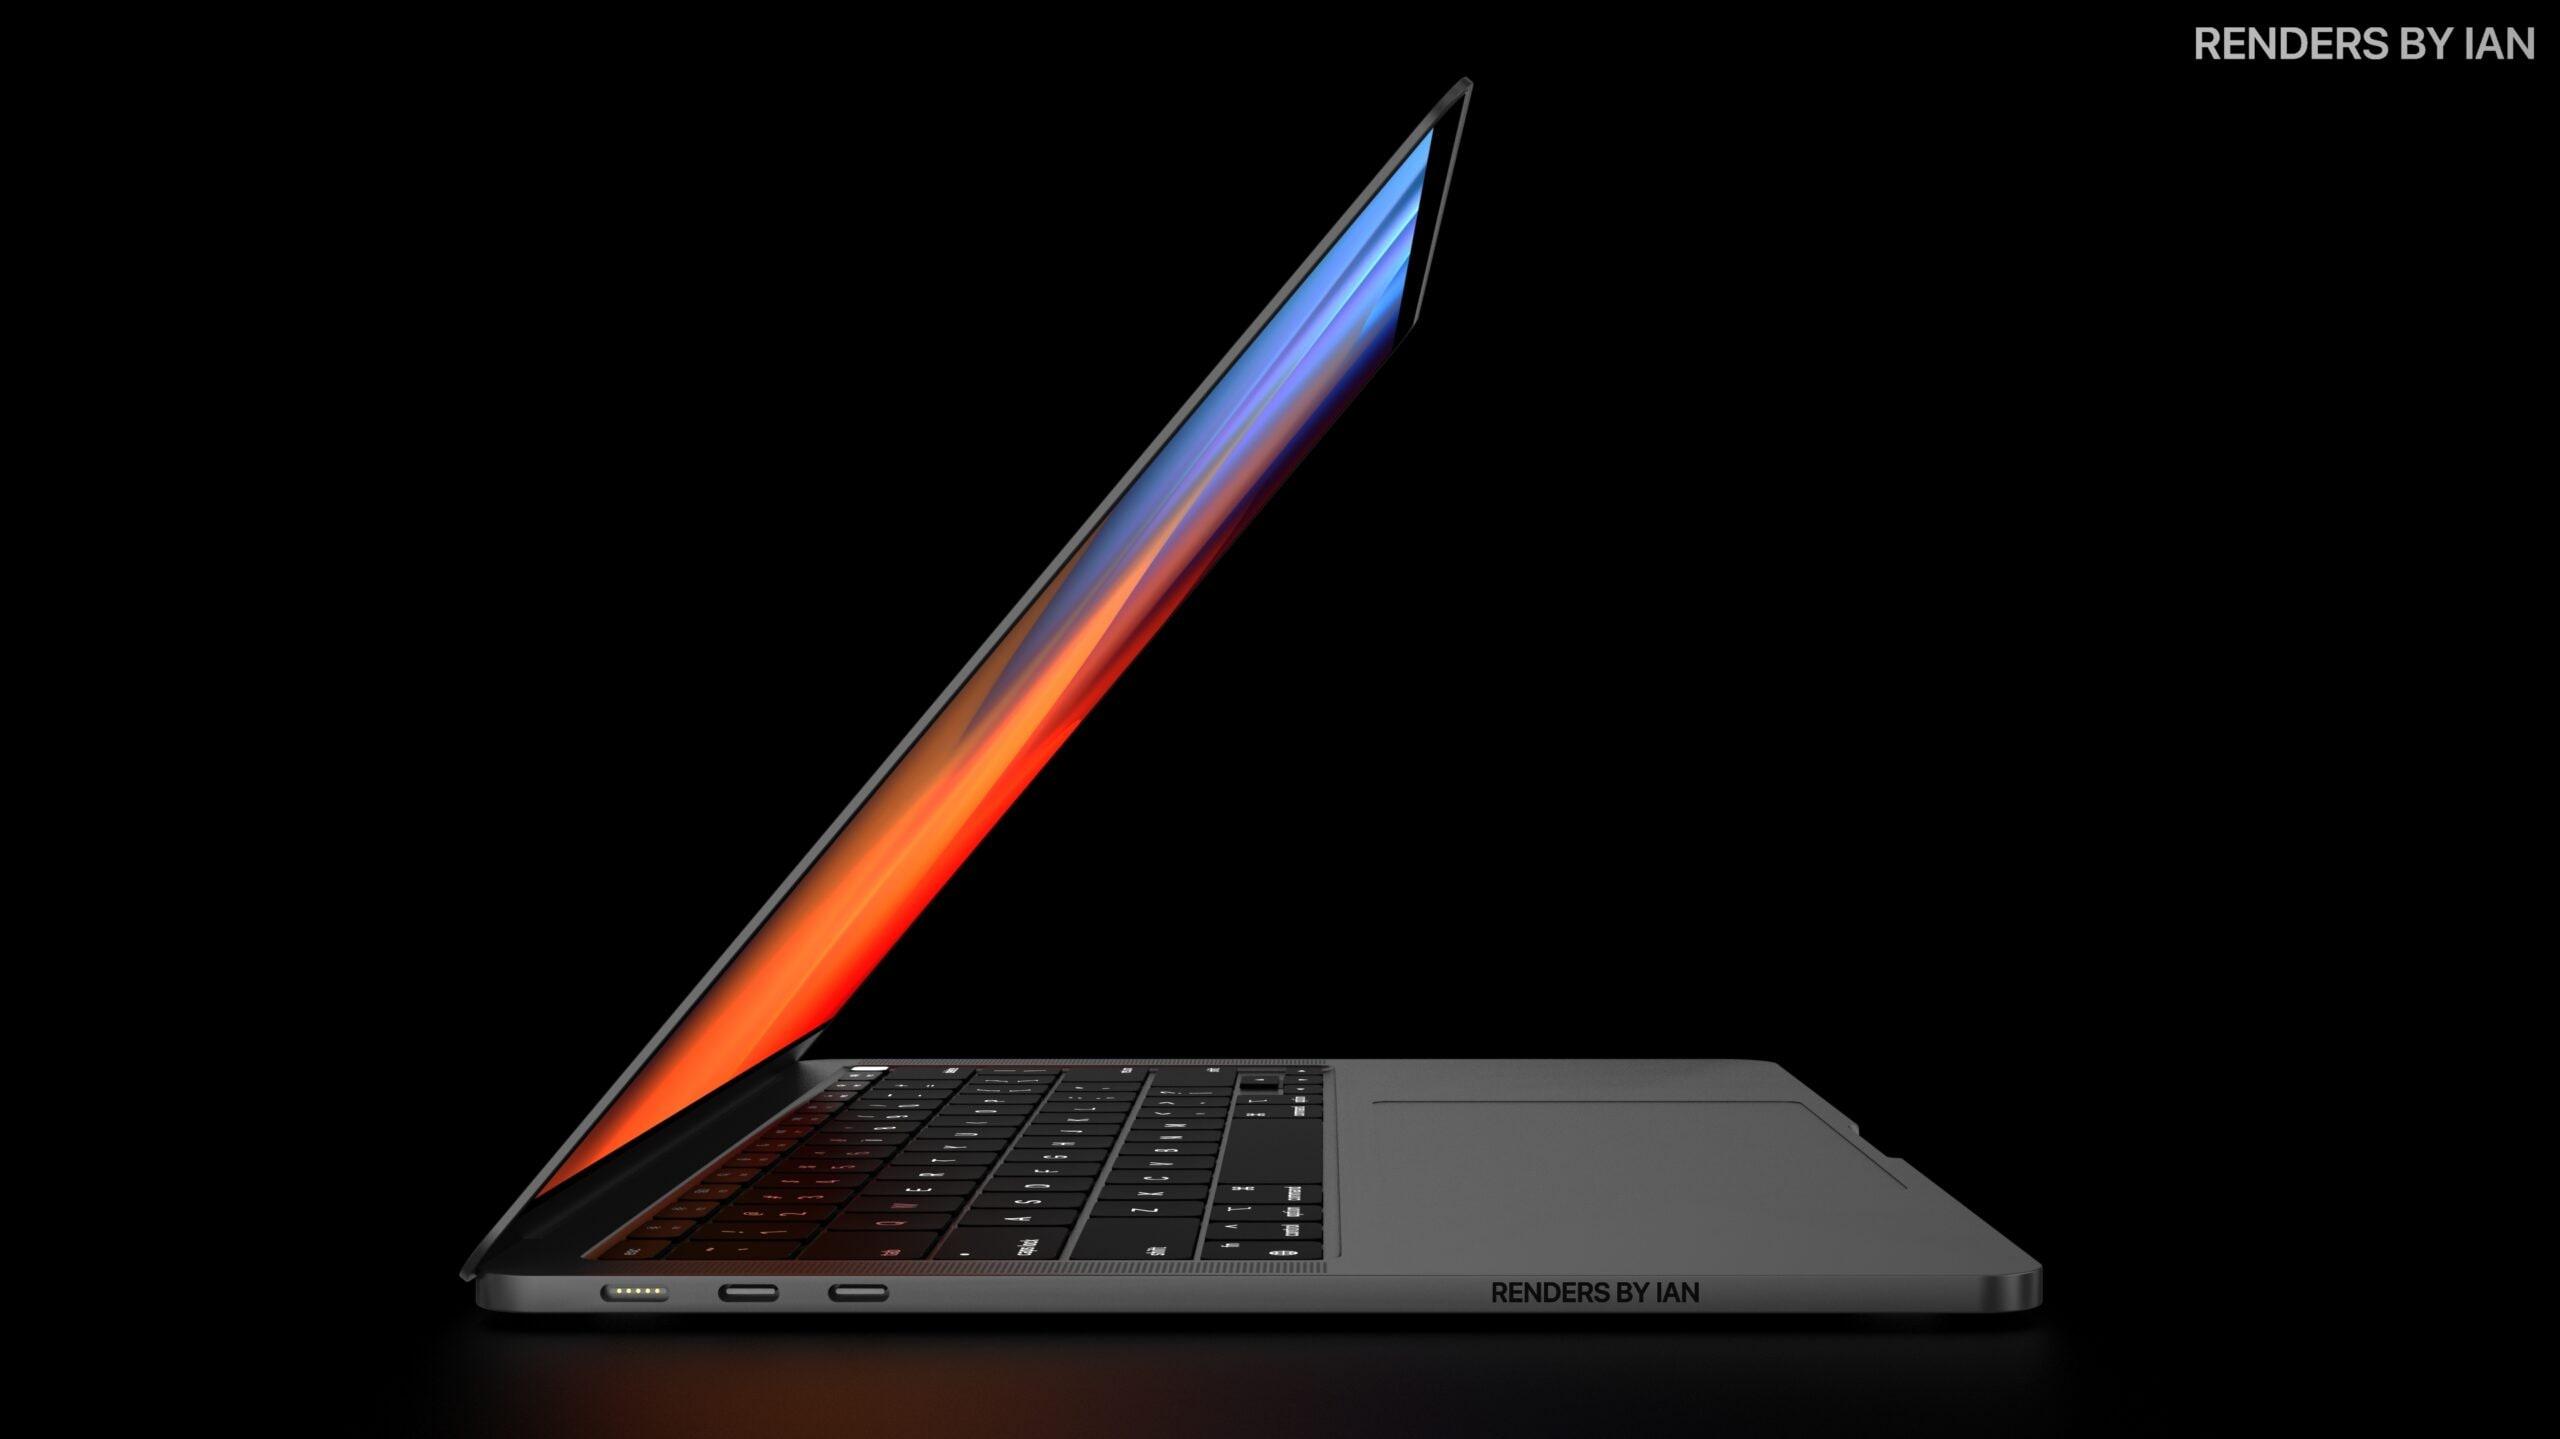 Поставки miniLED дисплеев для новых MacBook Pro начнутся в третьем квартале 2021 года